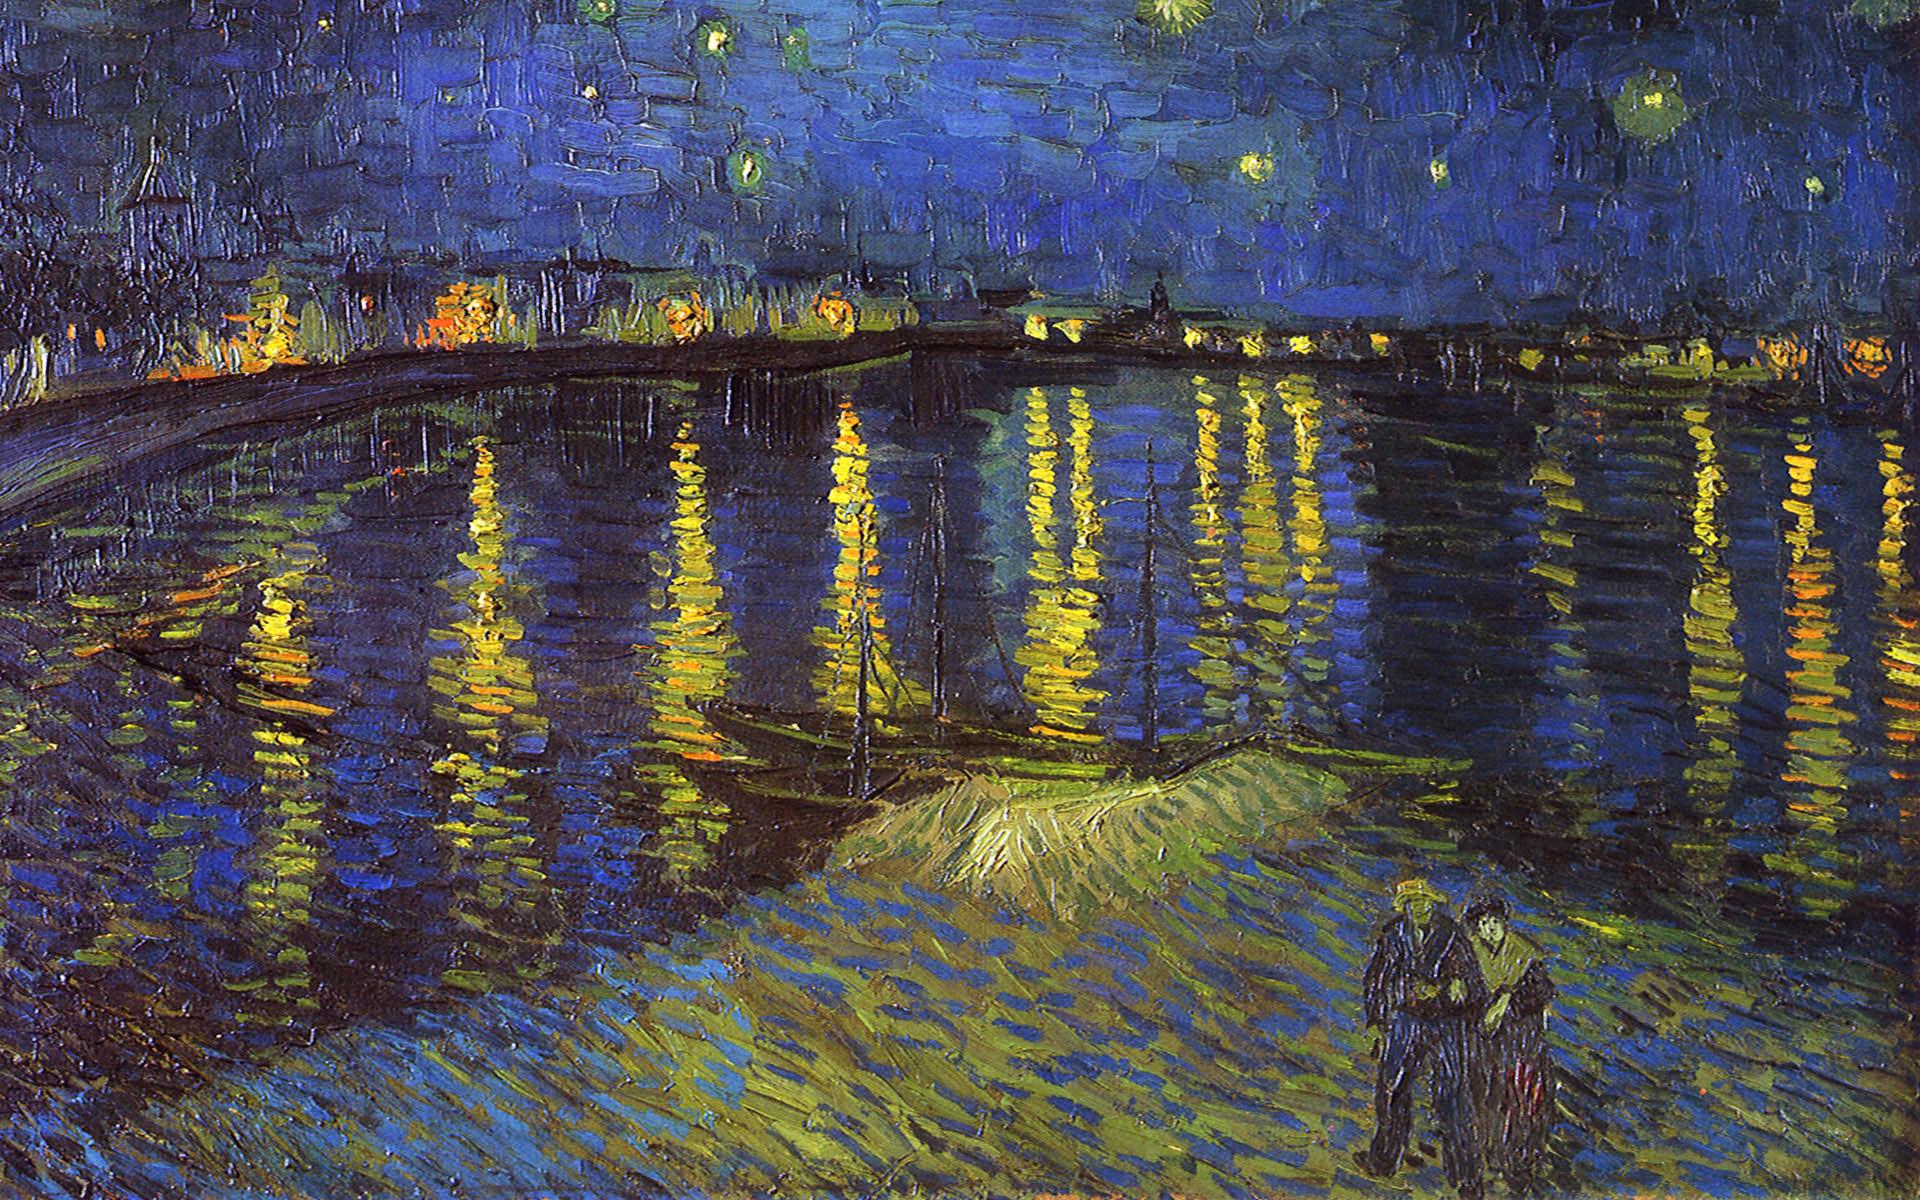 Tableau Van-Gogh 1920 x 1200 (17) - 10 000 Fonds d'écran HD gratuits et de qualité ! Wallpapers HD